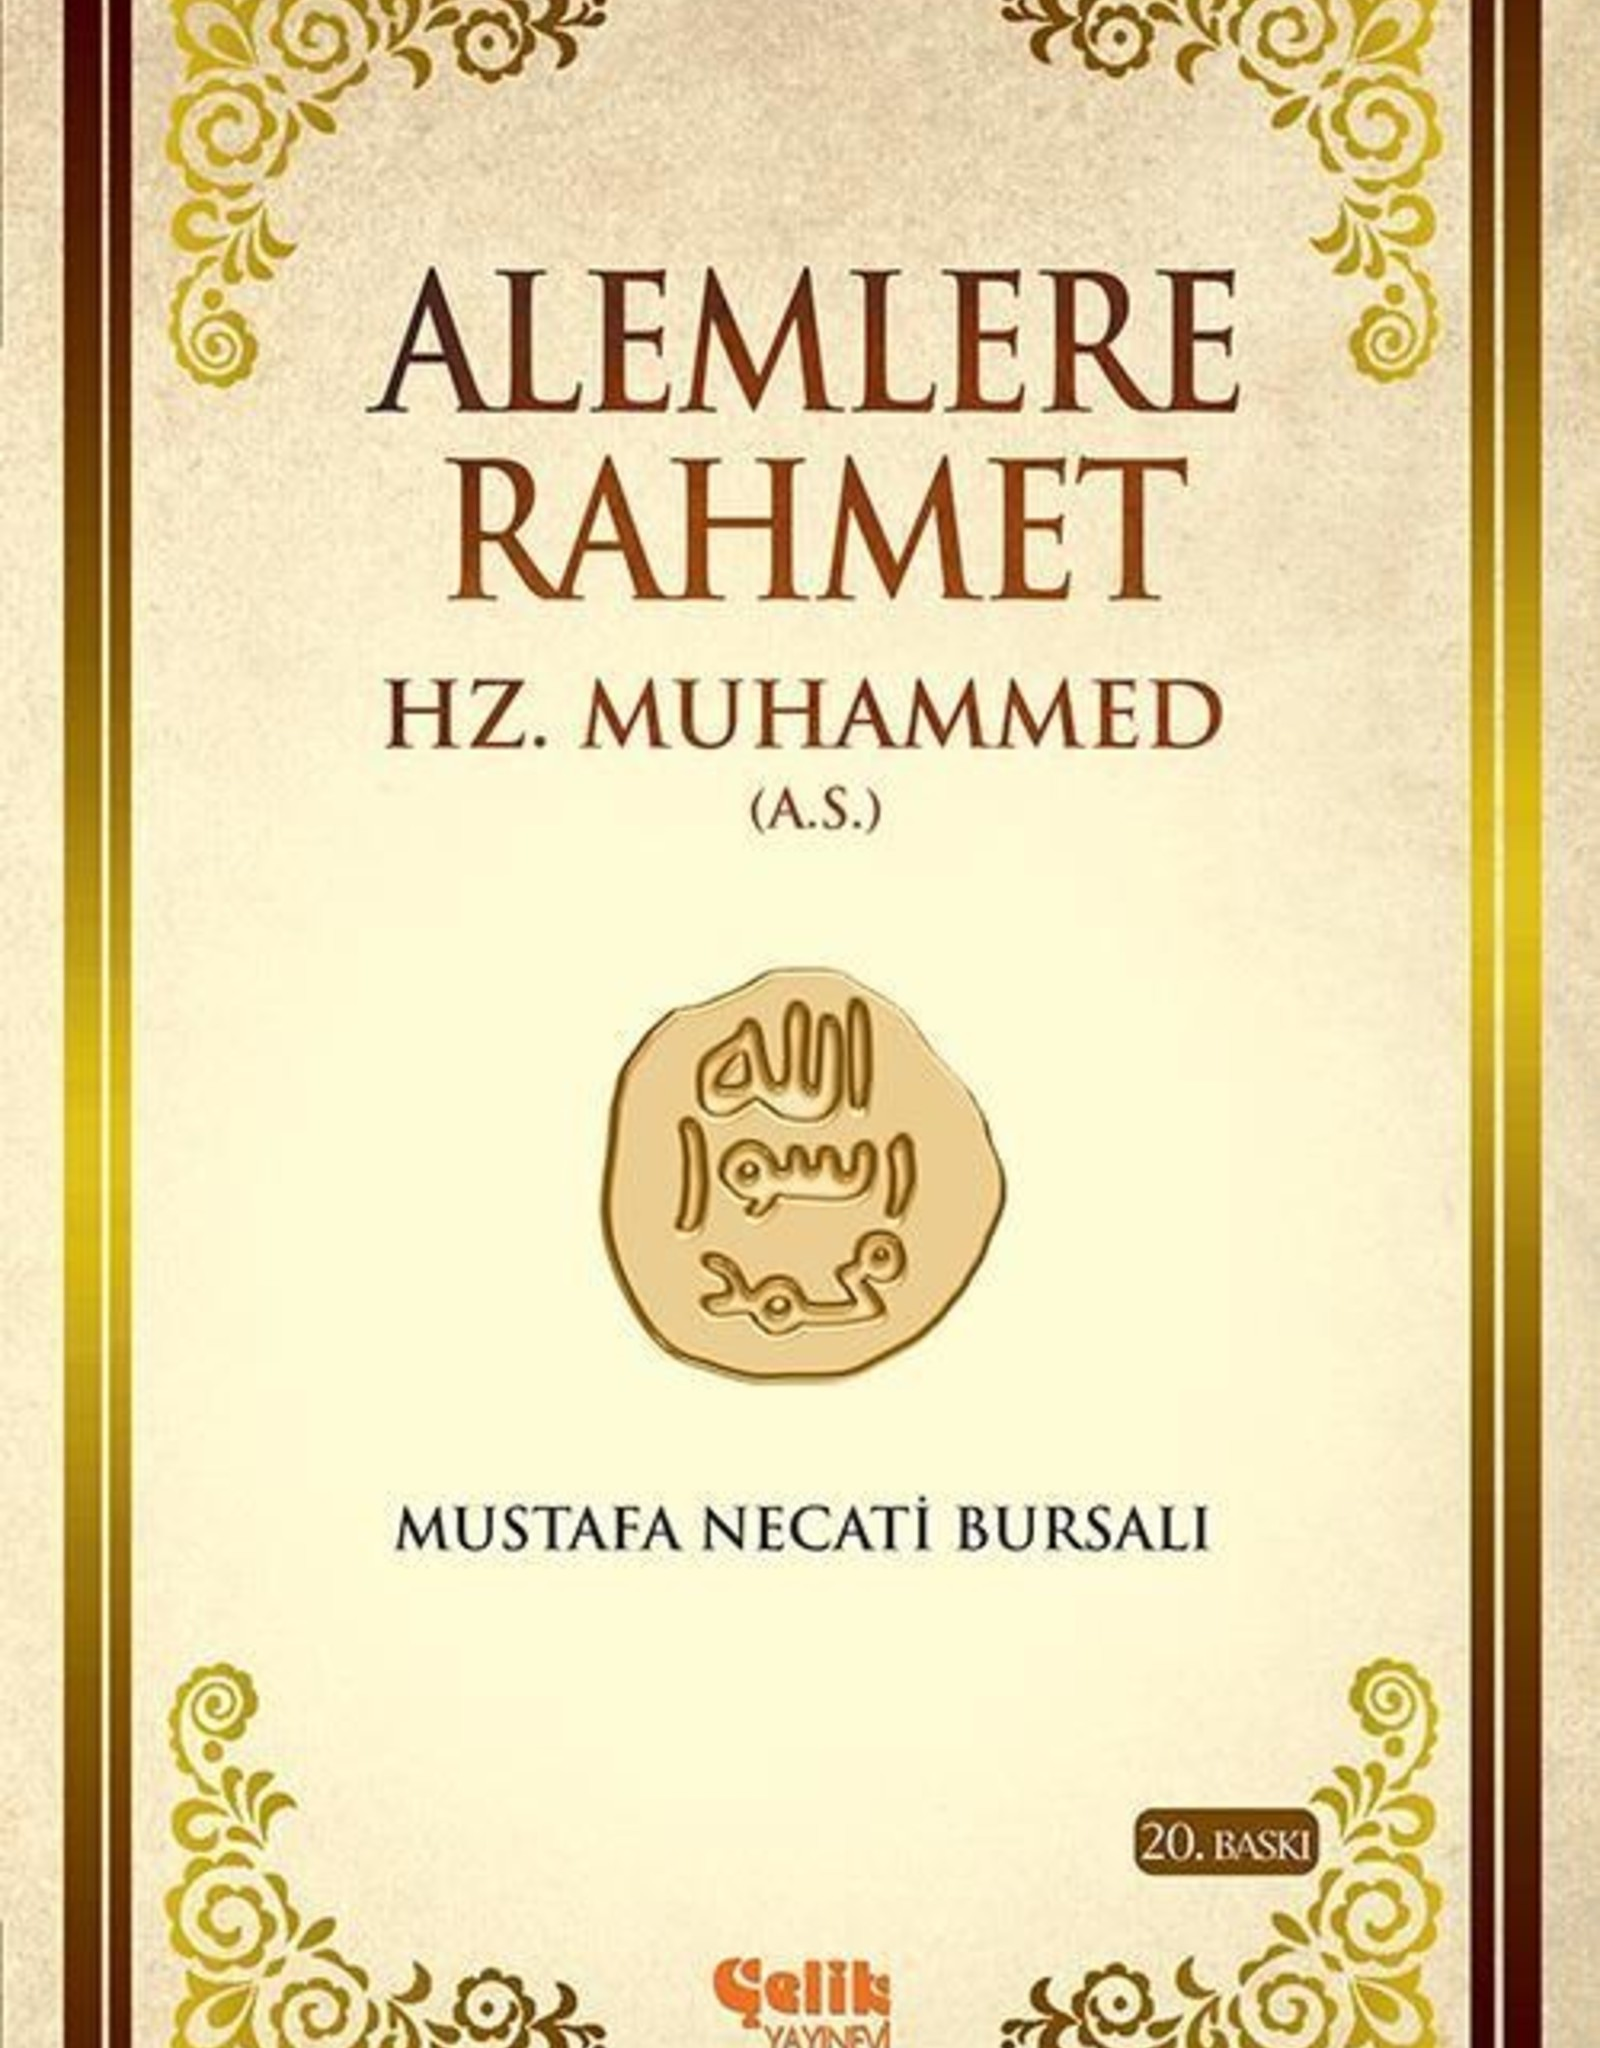 Alemlere Rahmet HZ Muhammed